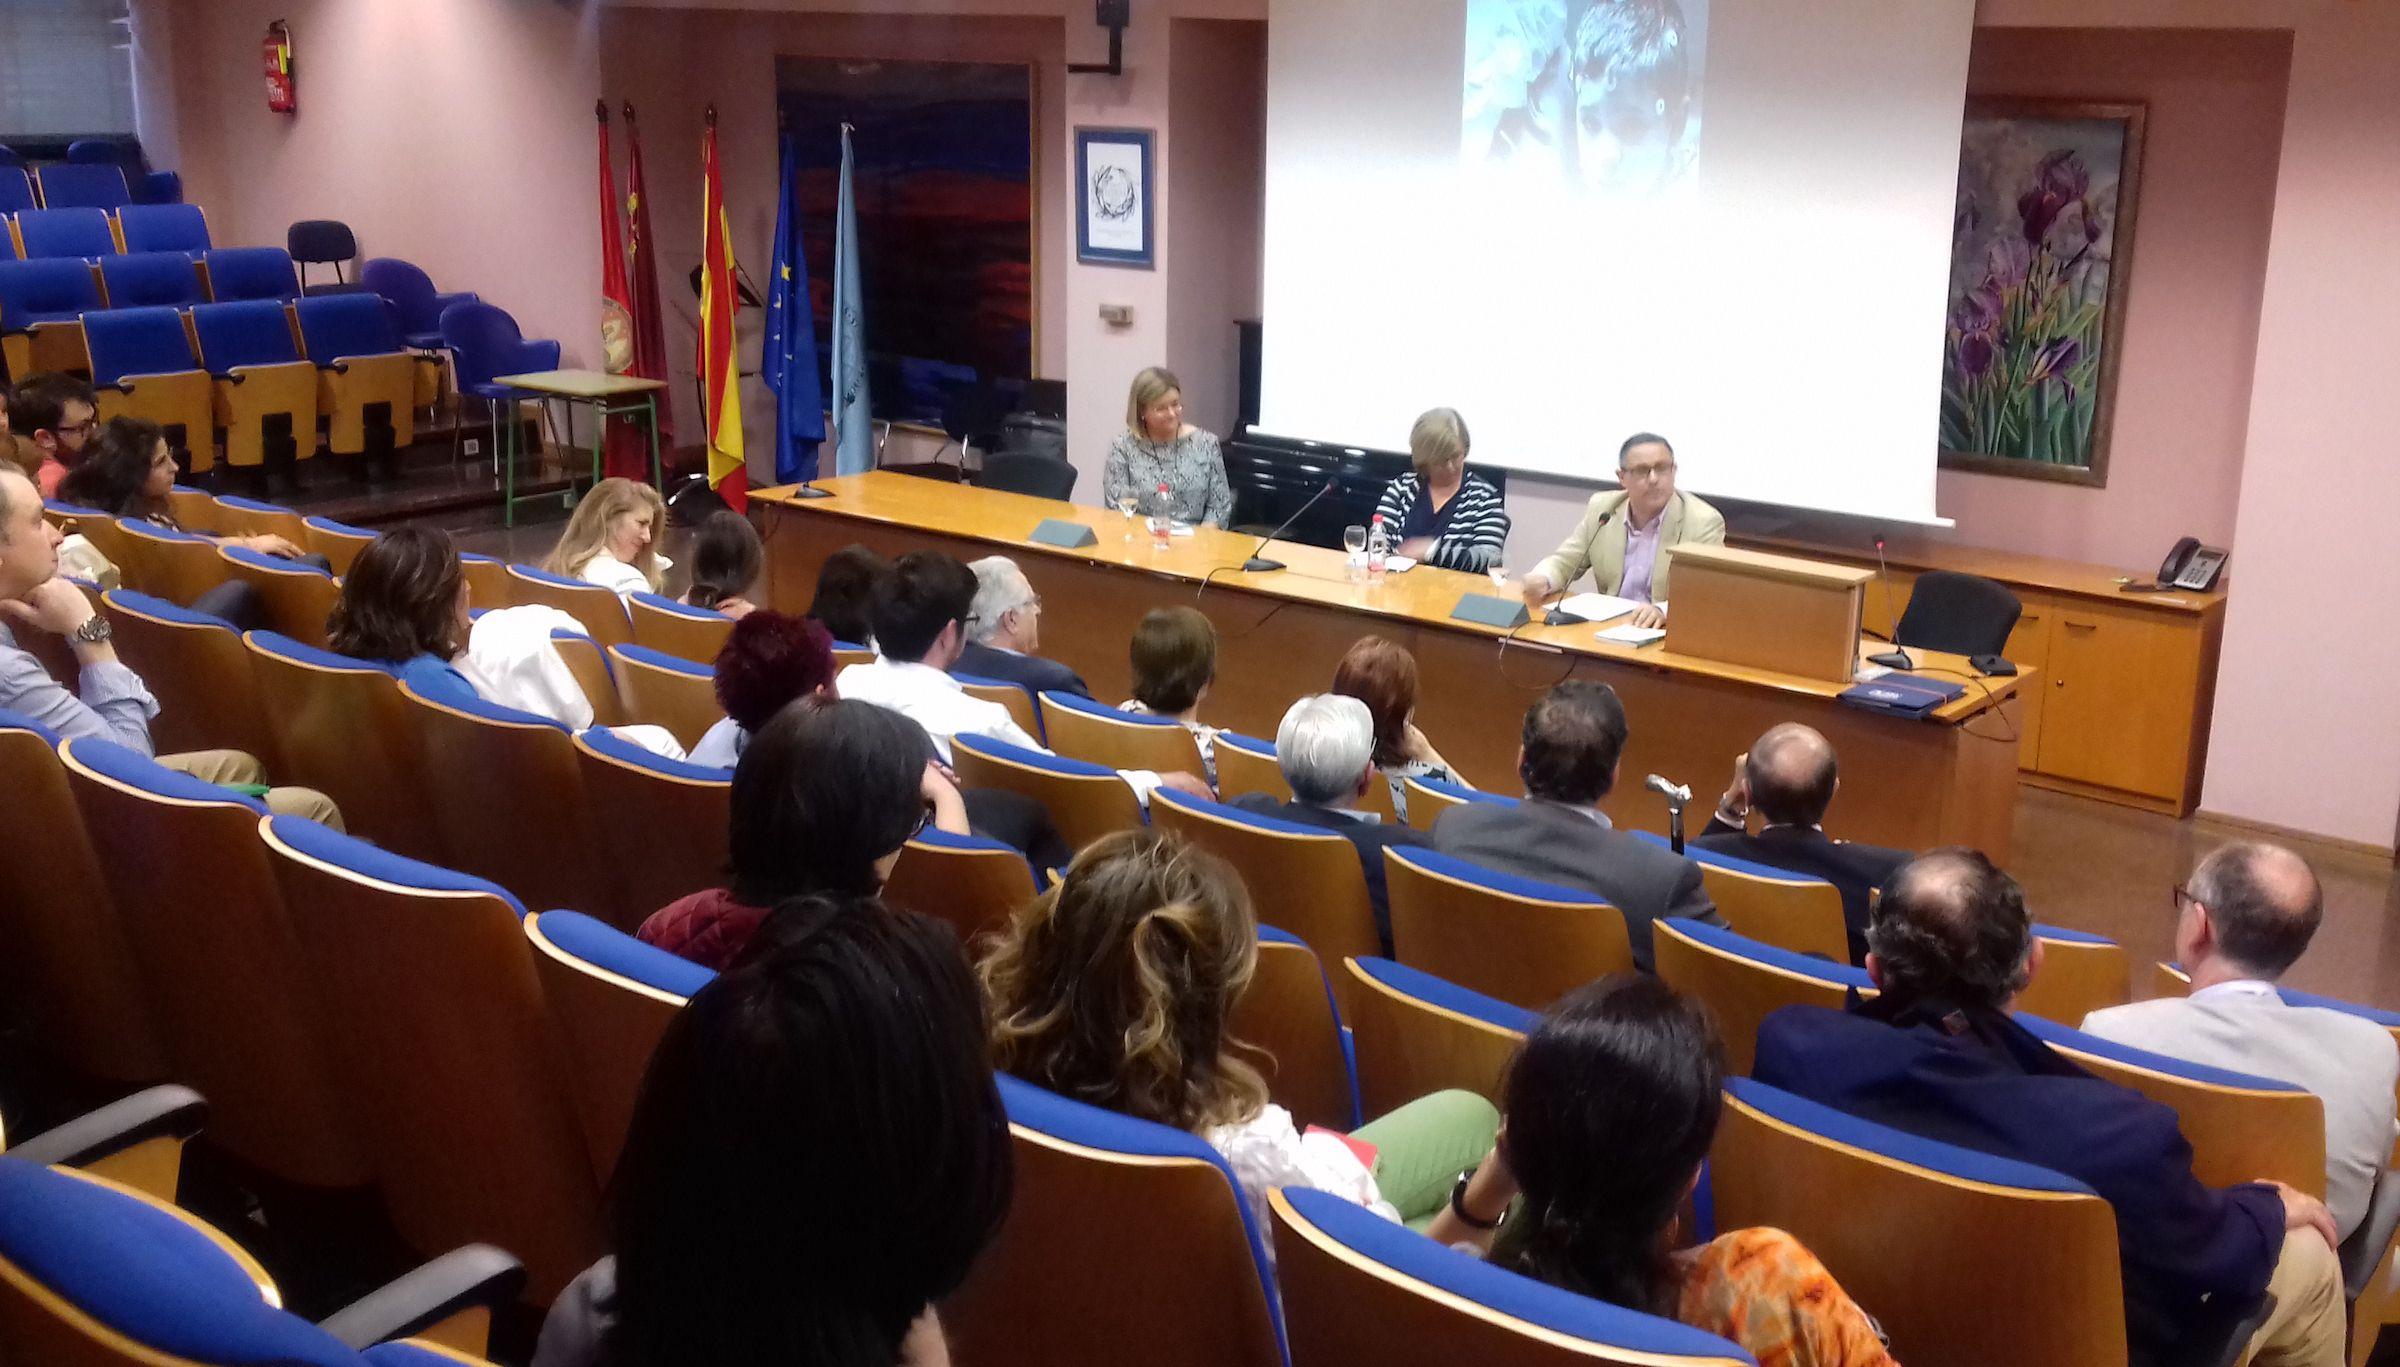 Presentación del libro de Emilio García Sánchez, en el ciclo de Coloquio con Expertos del Máster de Bioética de la Universidad de Murcia.